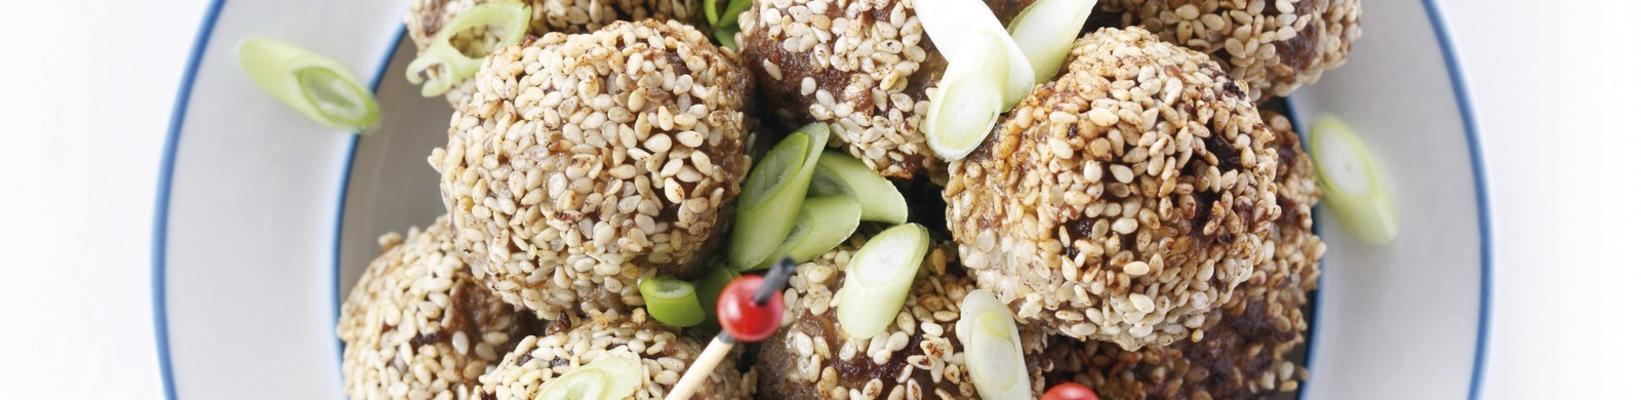 snack balls in a crust of sesame